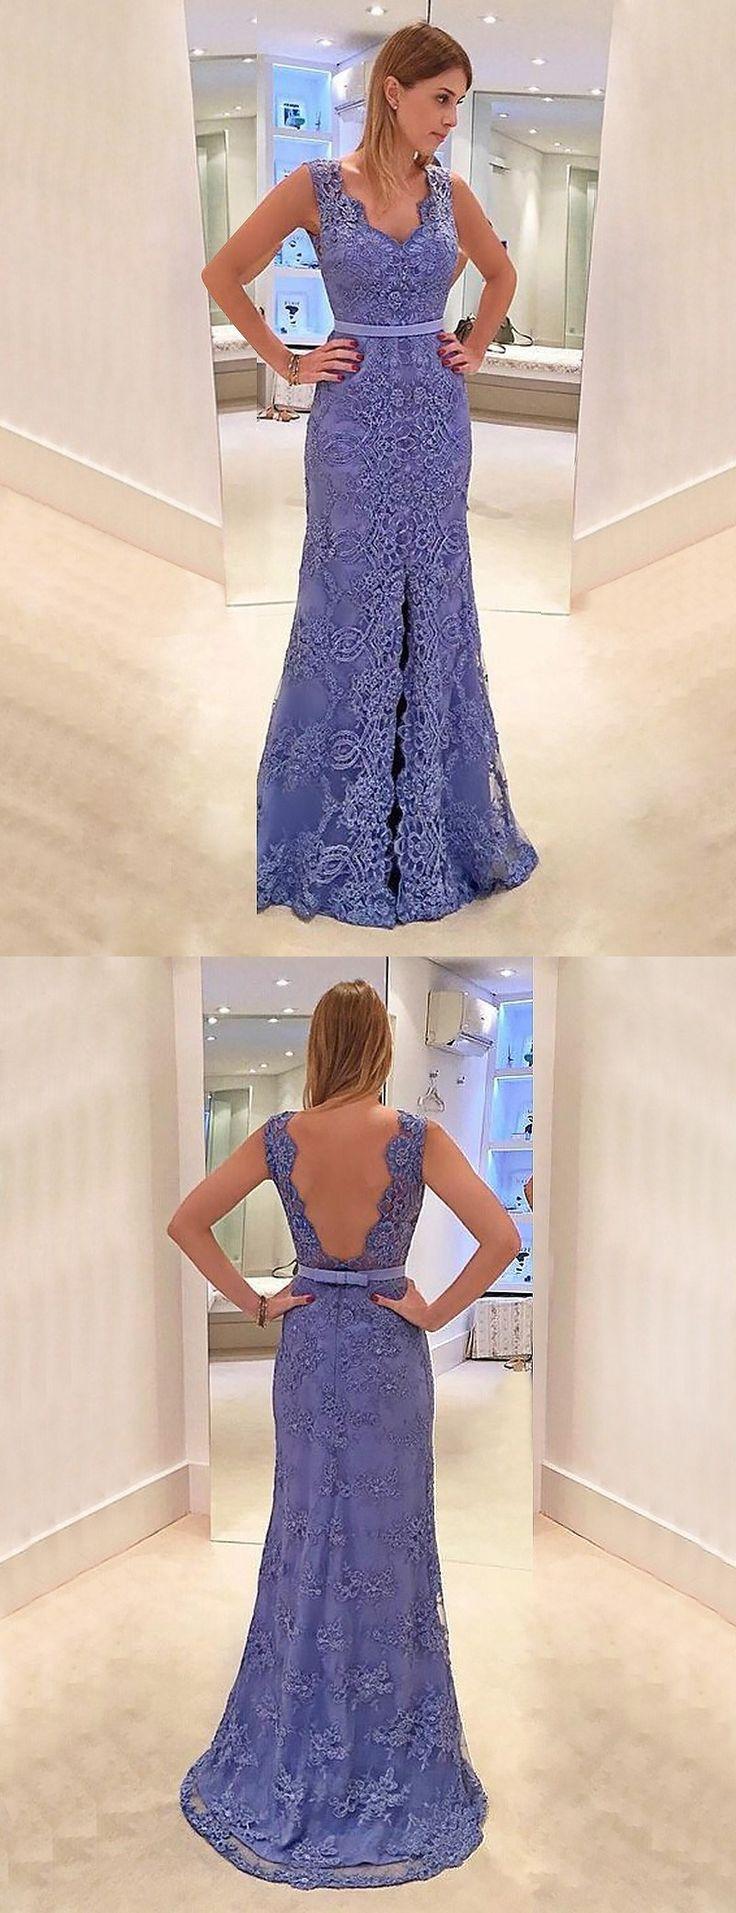 Mejores 38 imágenes de Vestidos noche en Pinterest   Vestidos de ...